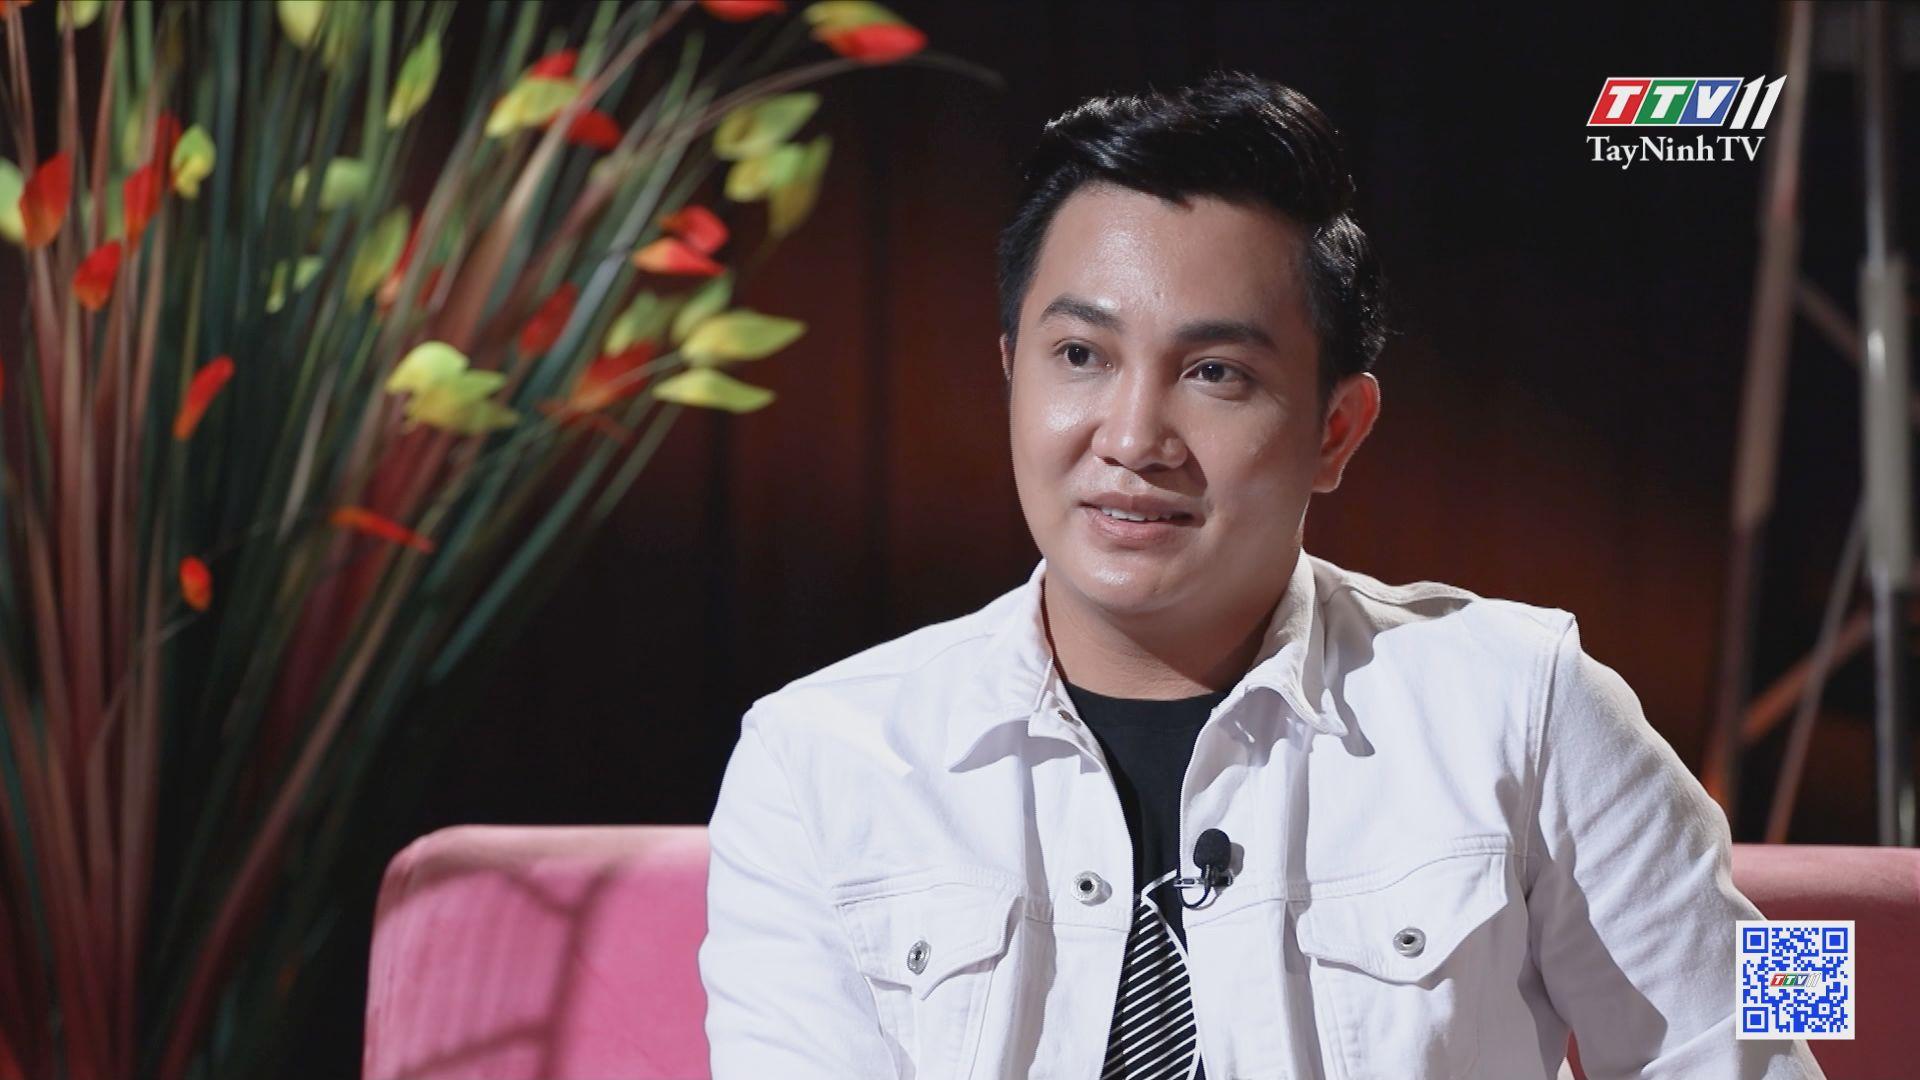 Tập 34 năm 2021_MC Nguyên Bảo tiết lộ chưa biết mặt cha, sợ chết không ai lo cho mẹ | HẠNH PHÚC Ở ĐÂU | TayNinhTV